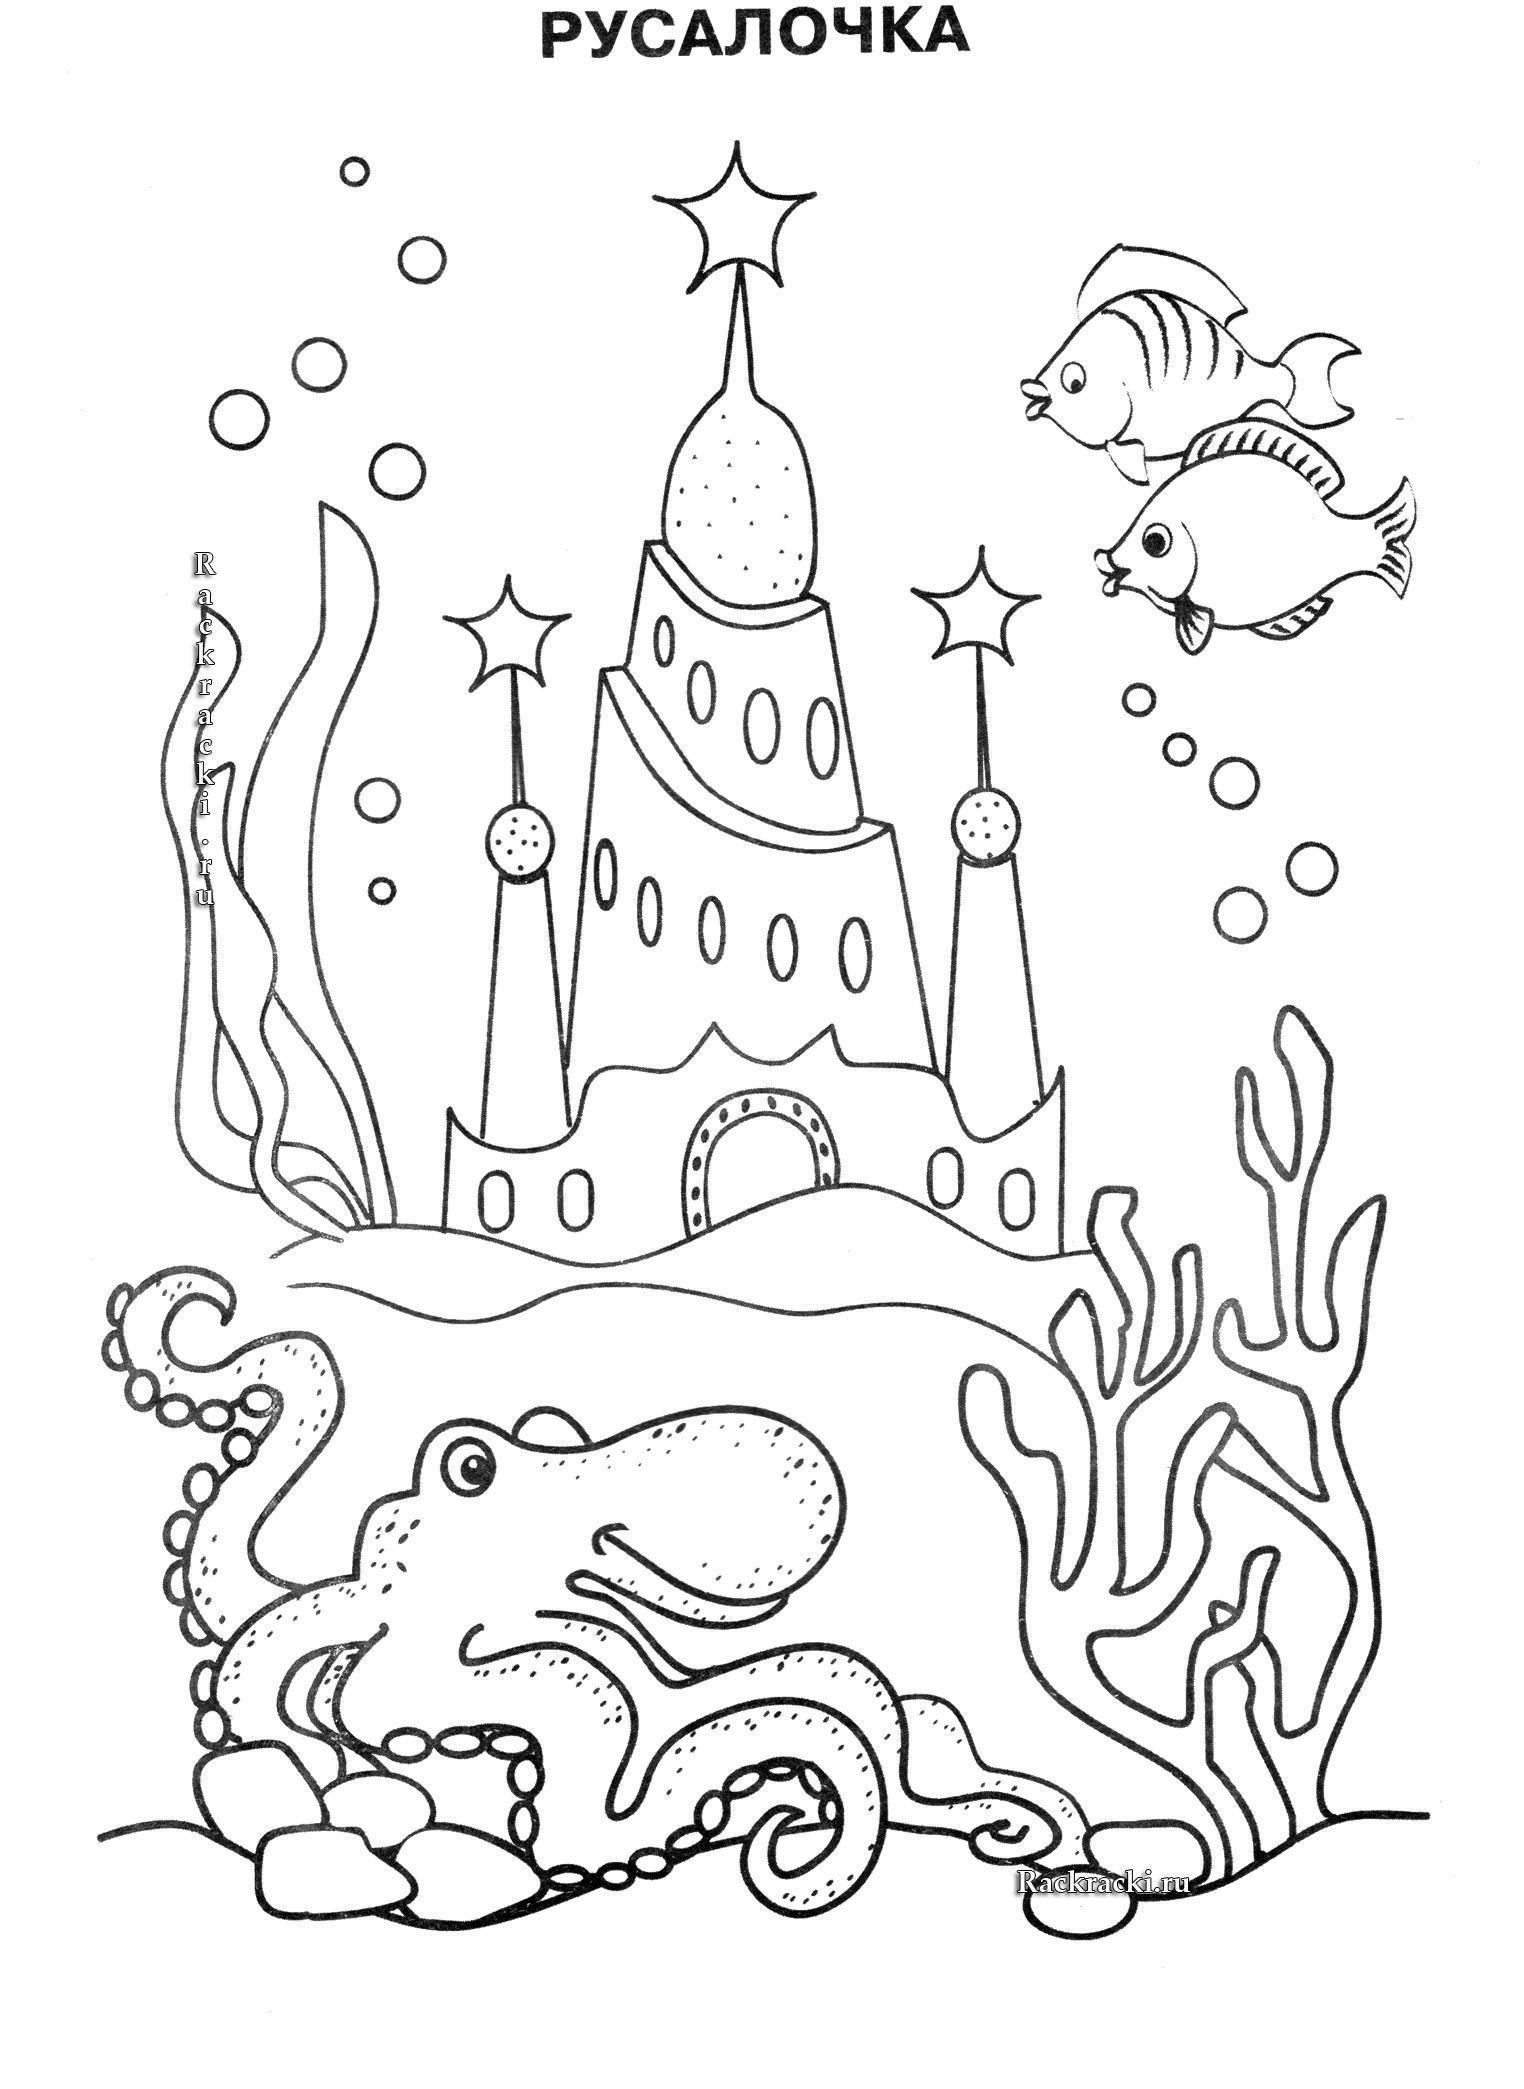 Раскраски подводный мир детская раскраска подводный мир.  рыбы,  медузы